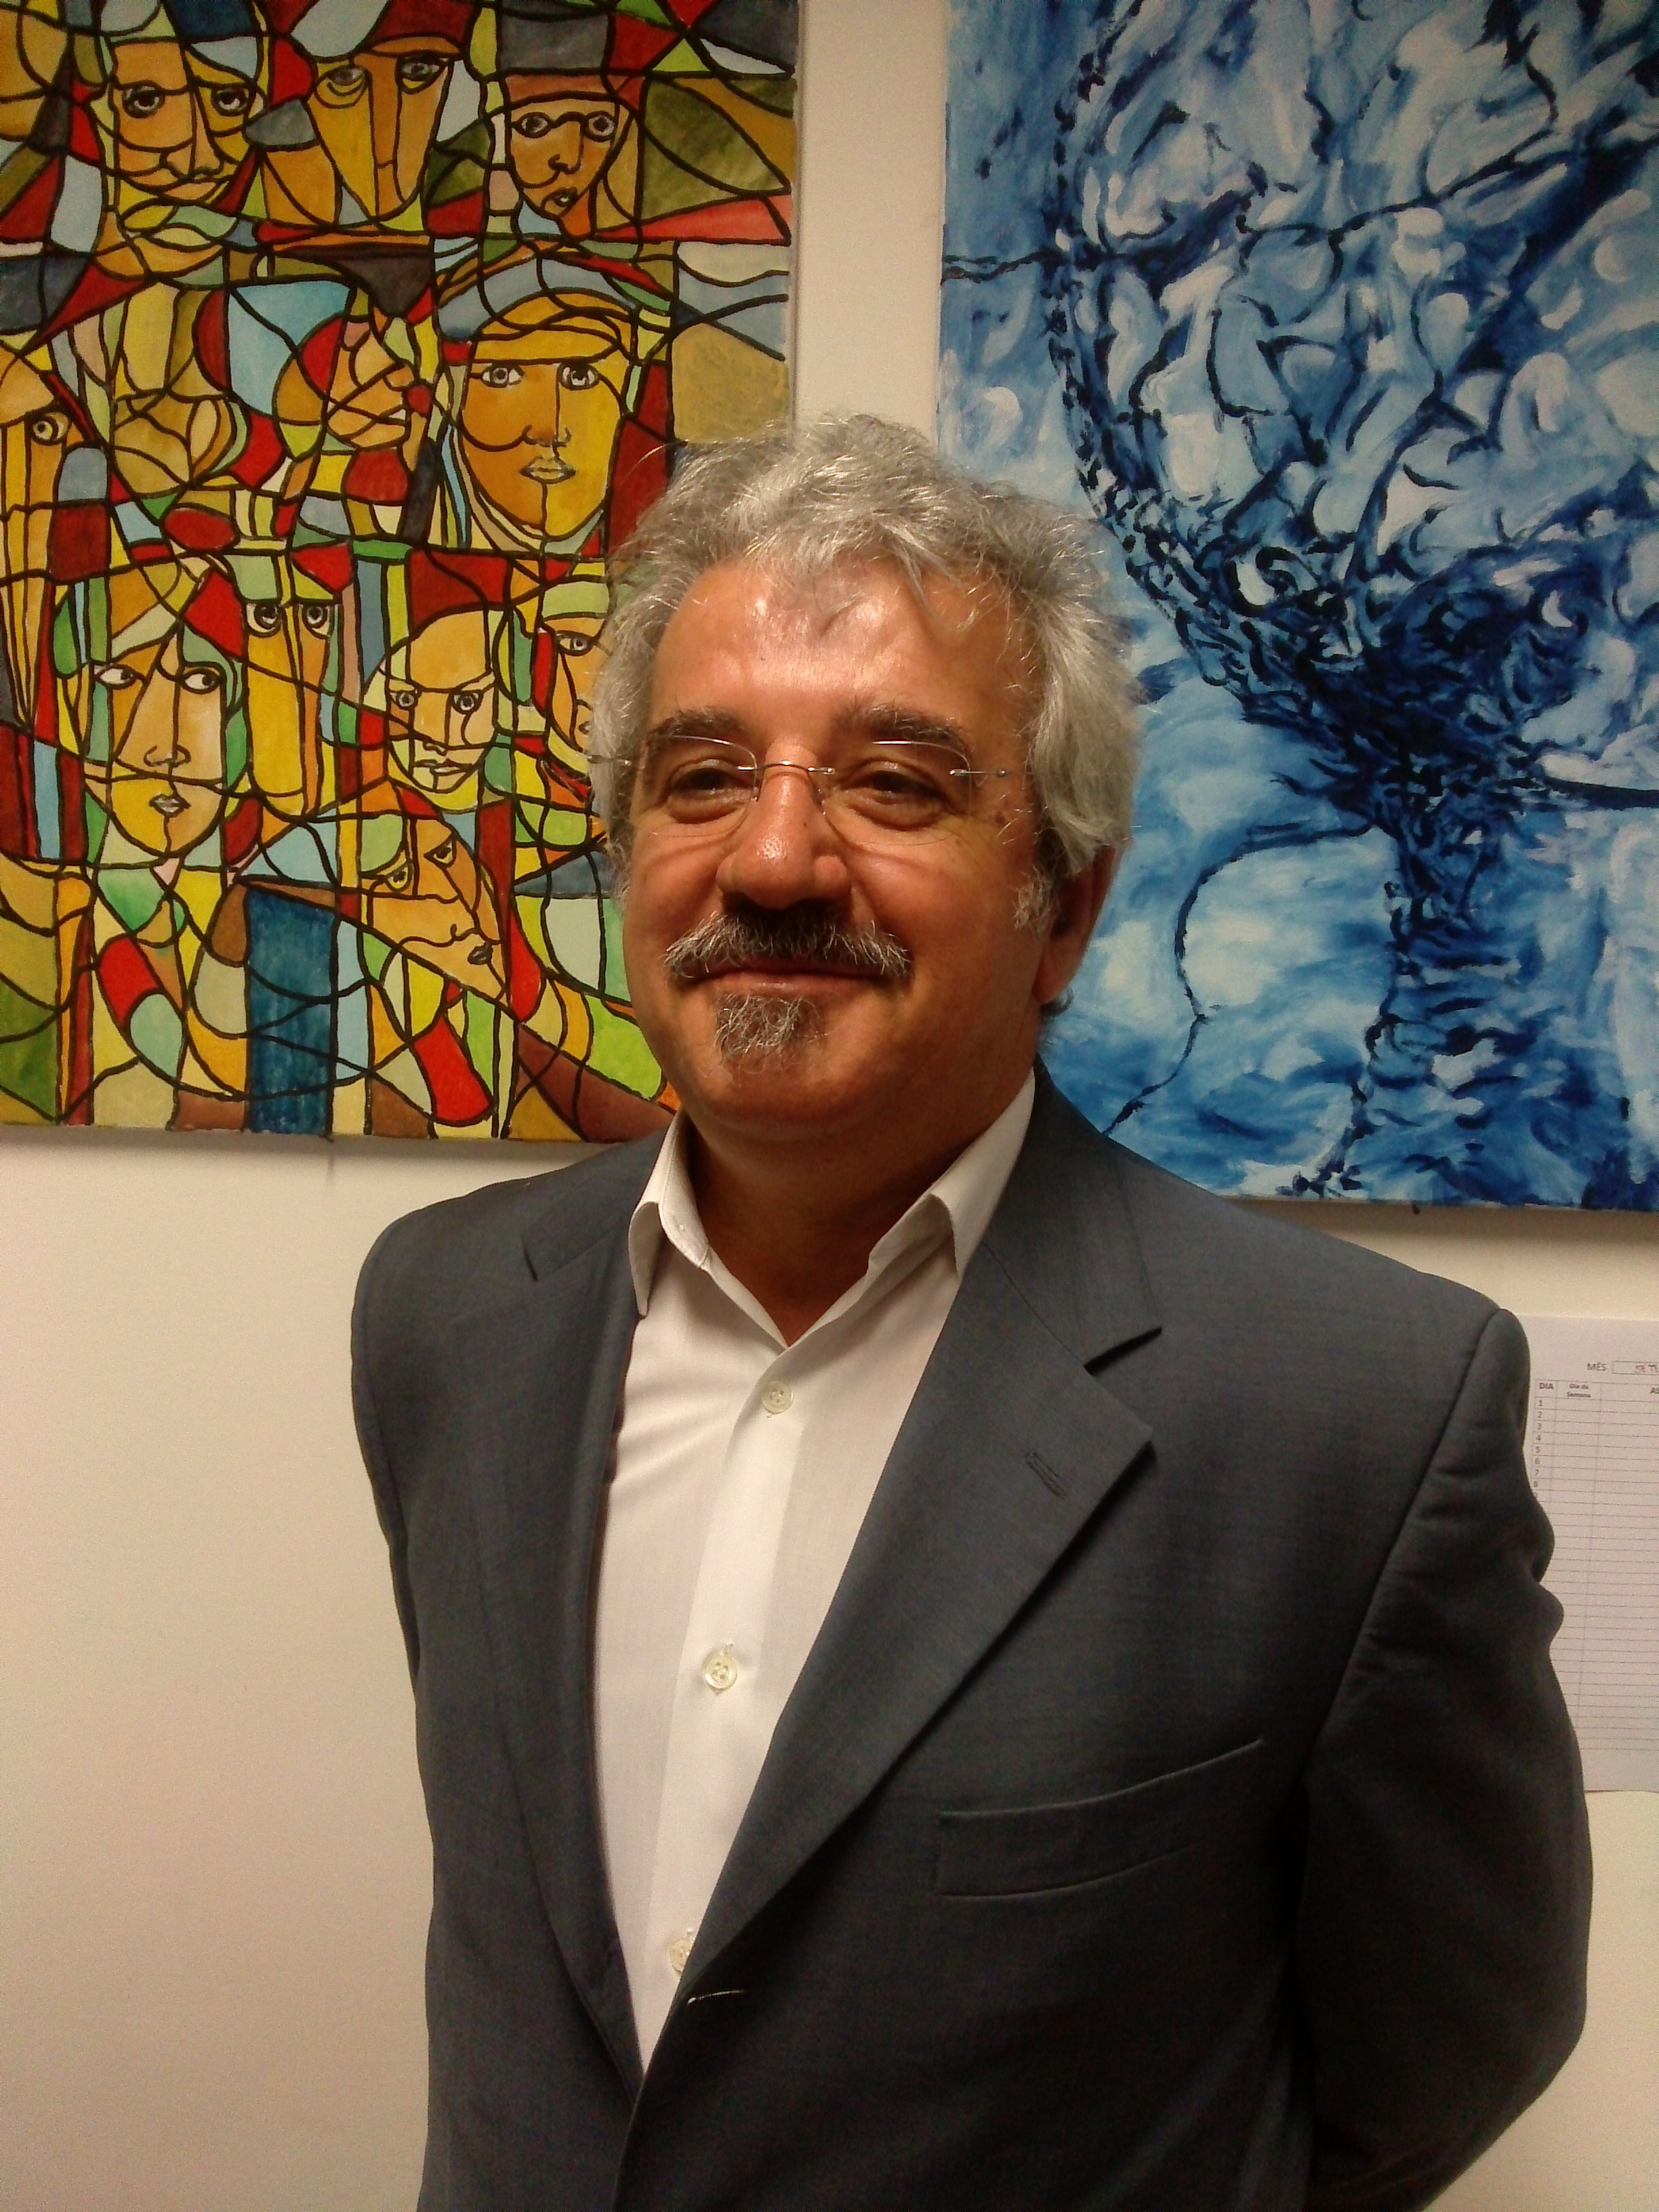 Luís Manuel Mota dos Santos Figueira